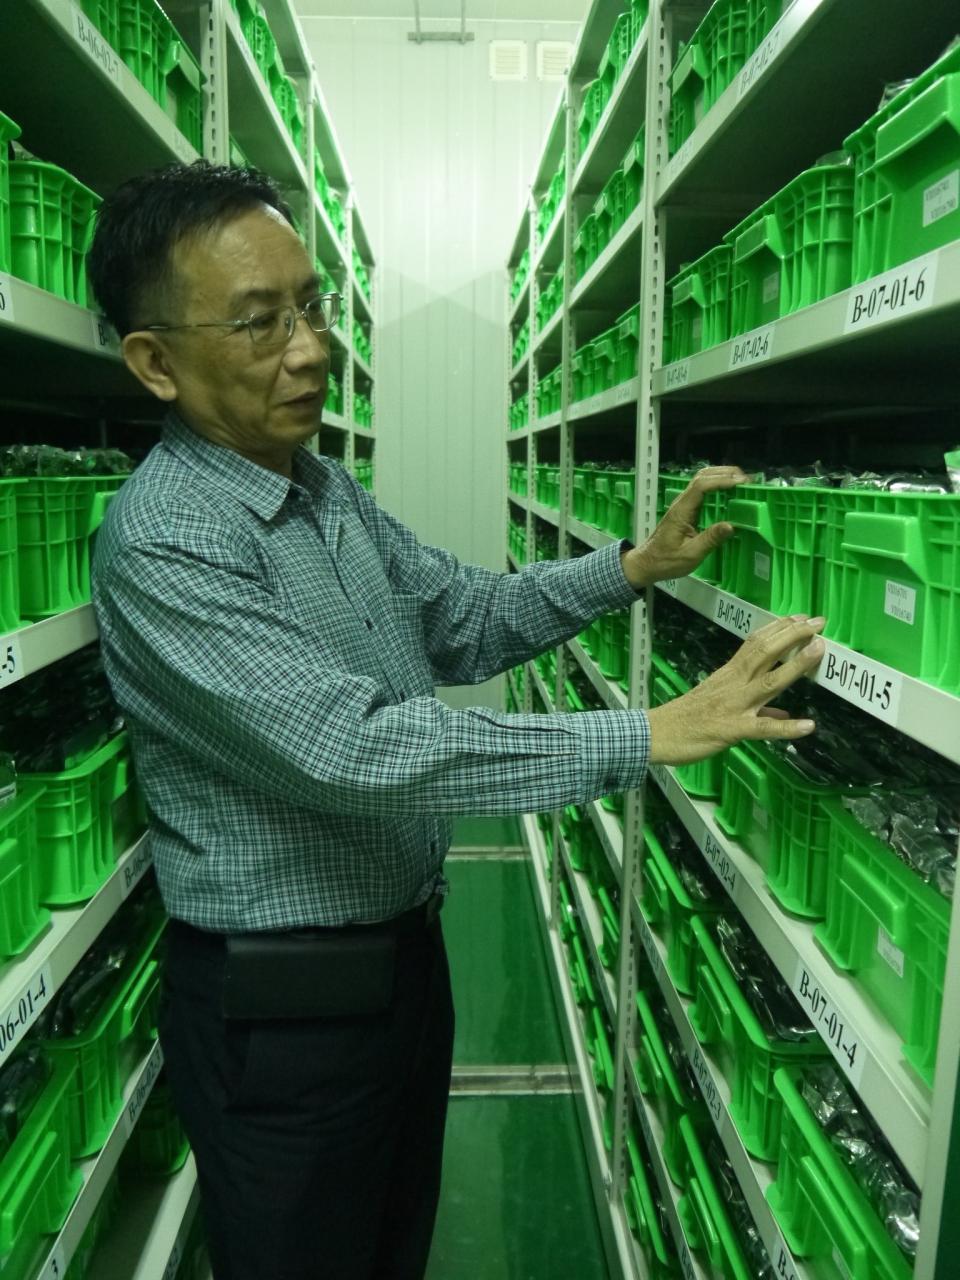 亞蔬的種原庫內現存有6萬多種種子,會以每年1千多種的速度輪種,維持數量同時也調查種子特性,包括果實、大小等,再建置檔案進資料庫,以利後續研究及育種工作。記者洪欣慈/攝影